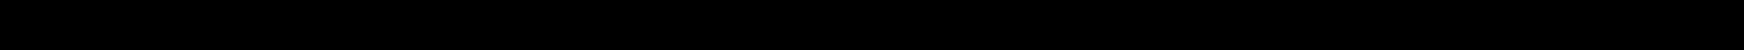 cfarmadillostd-medium-webfont.ttf